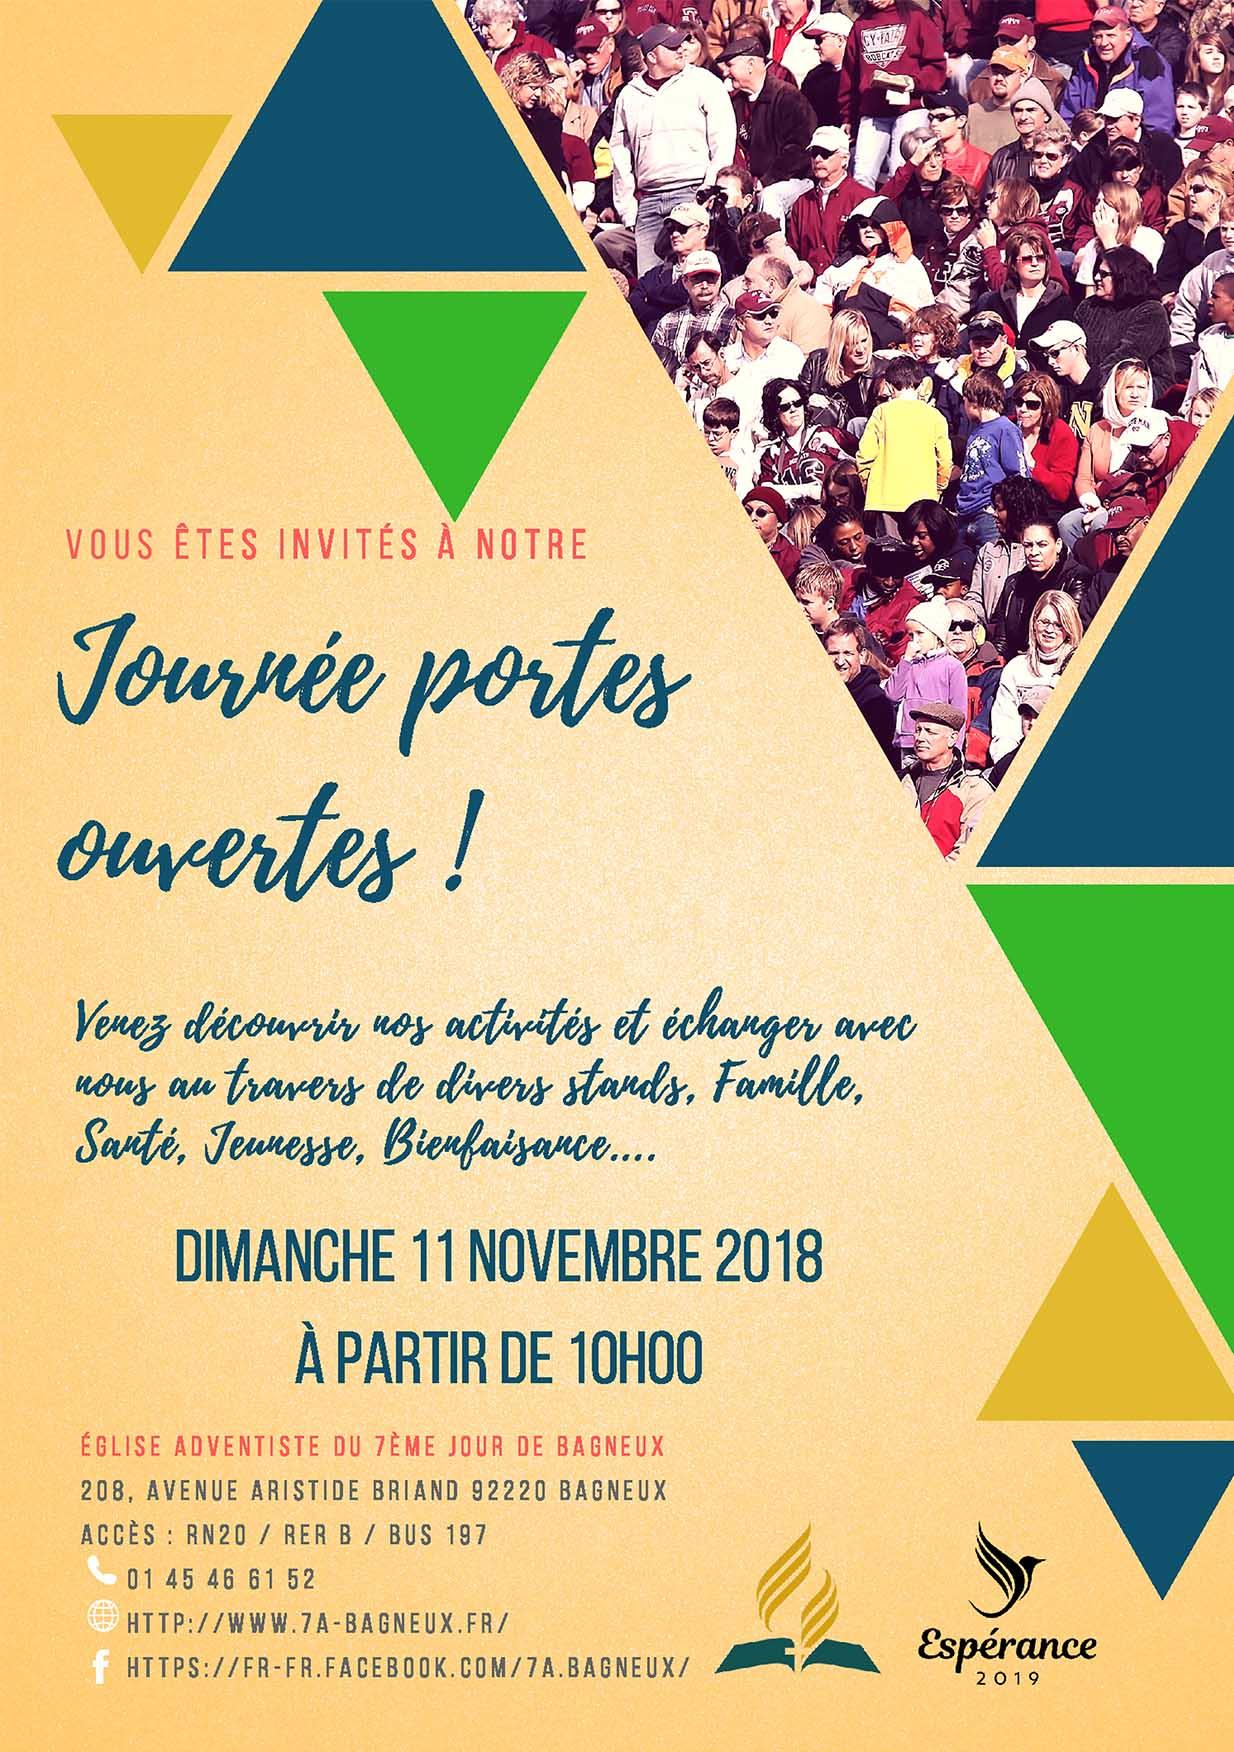 Casino bagneux 11 novembre